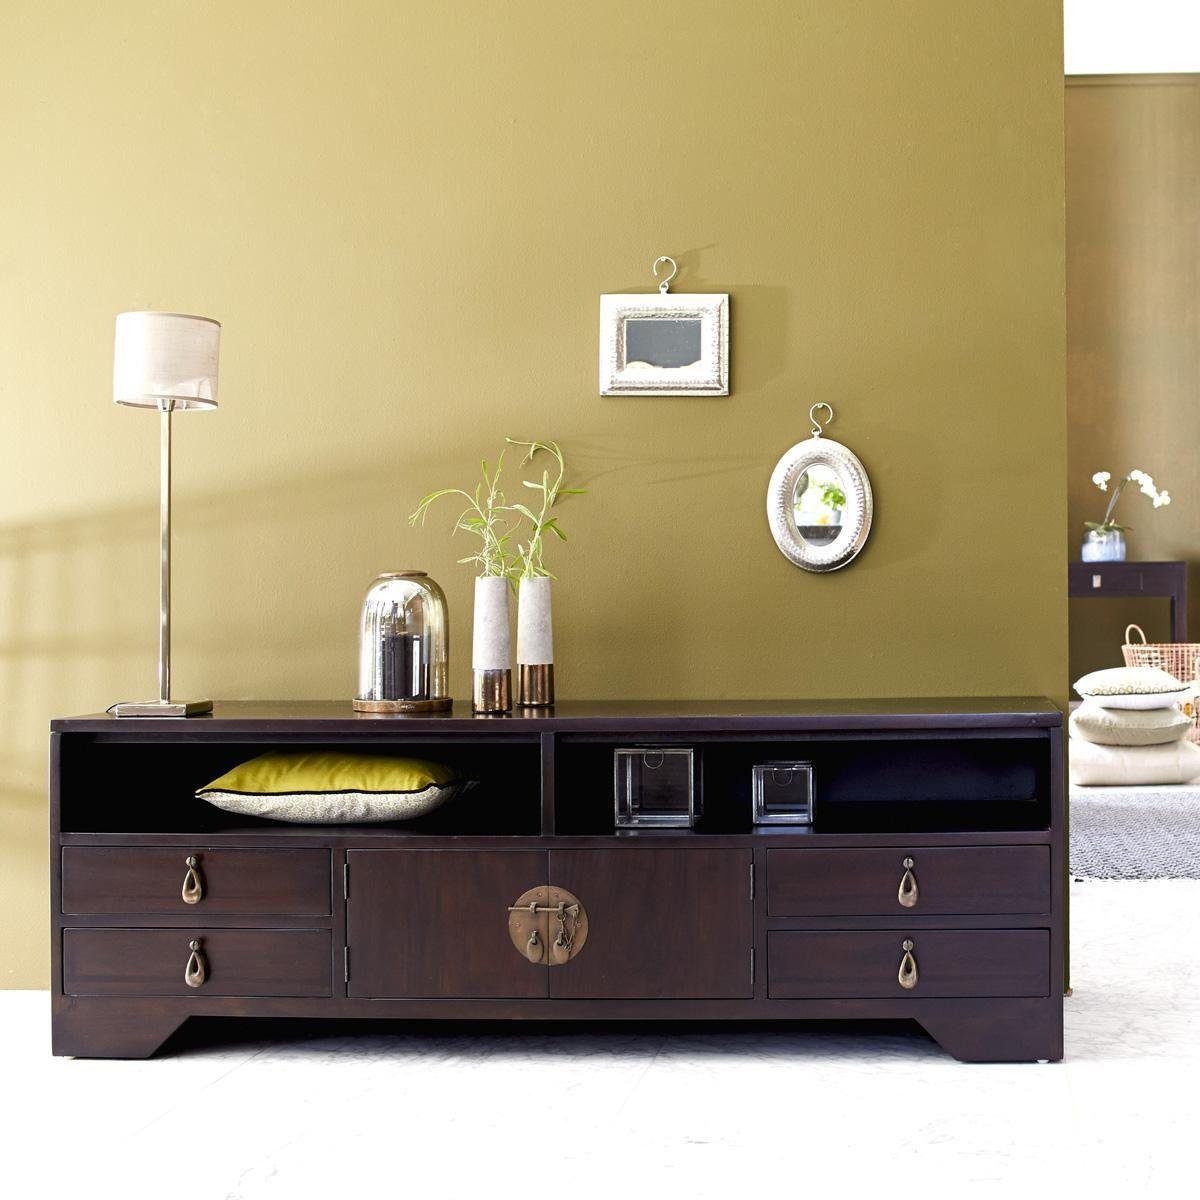 meuble tv yong tikamoon en acajou soldes meubles achat meuble et la redoute. Black Bedroom Furniture Sets. Home Design Ideas